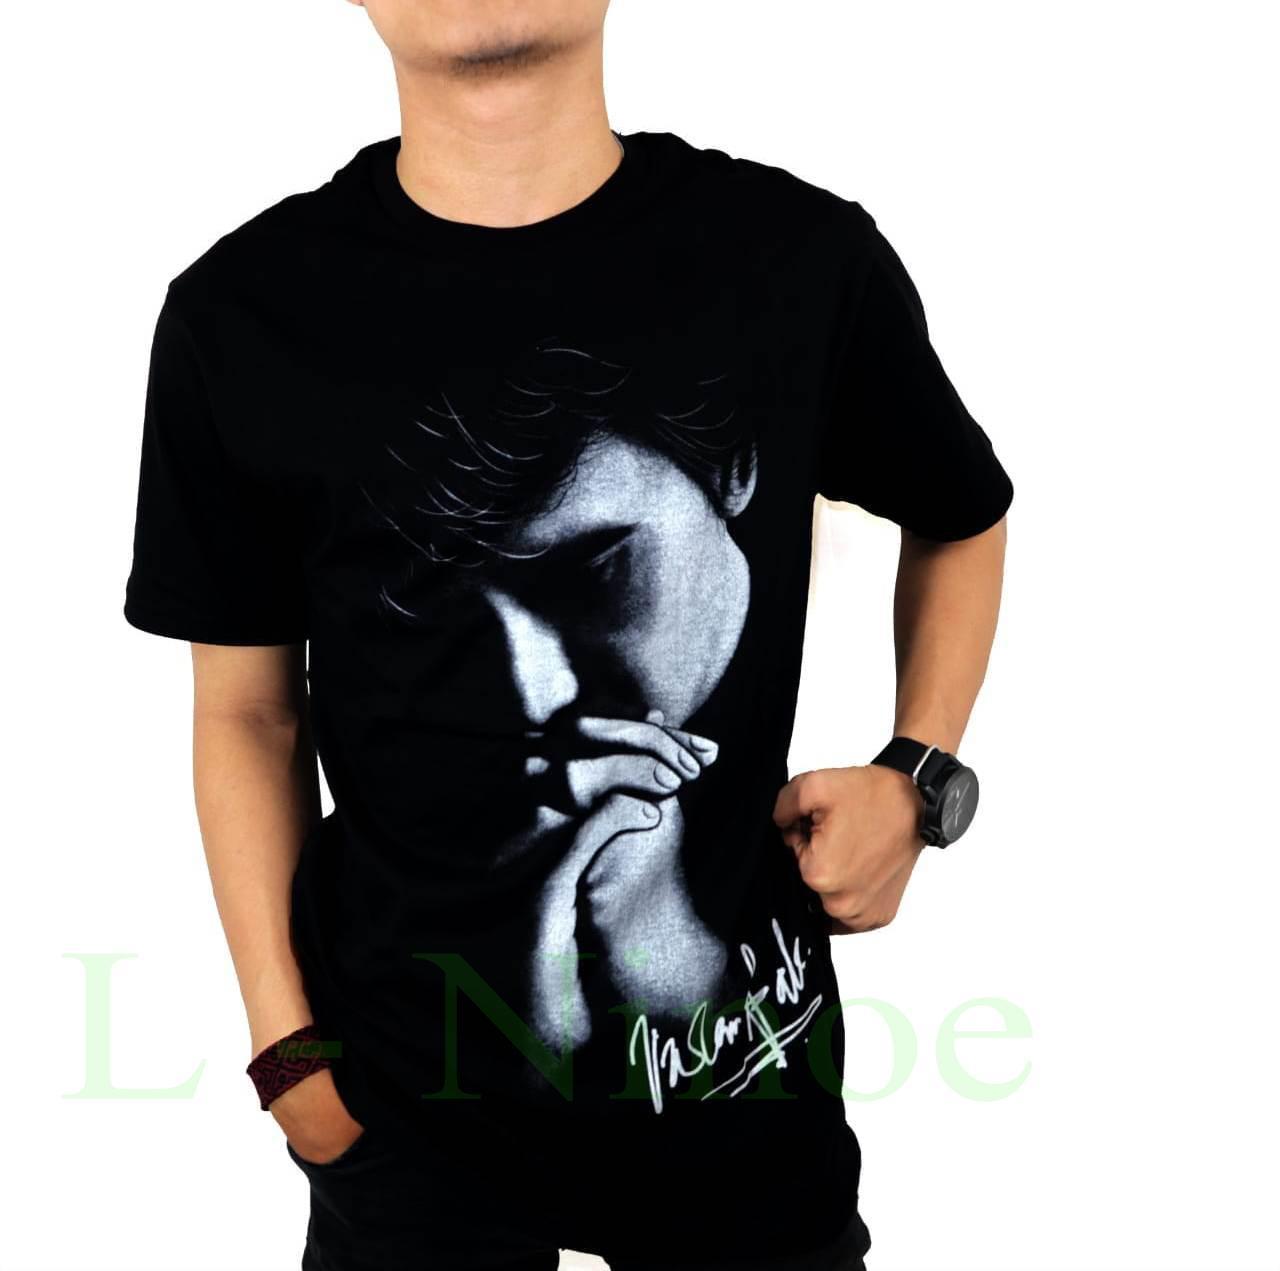 L Ninoe - kaos distro T-shirt fashion 100% soft cotton combed 30s kaos pria kaos fashion baju distr